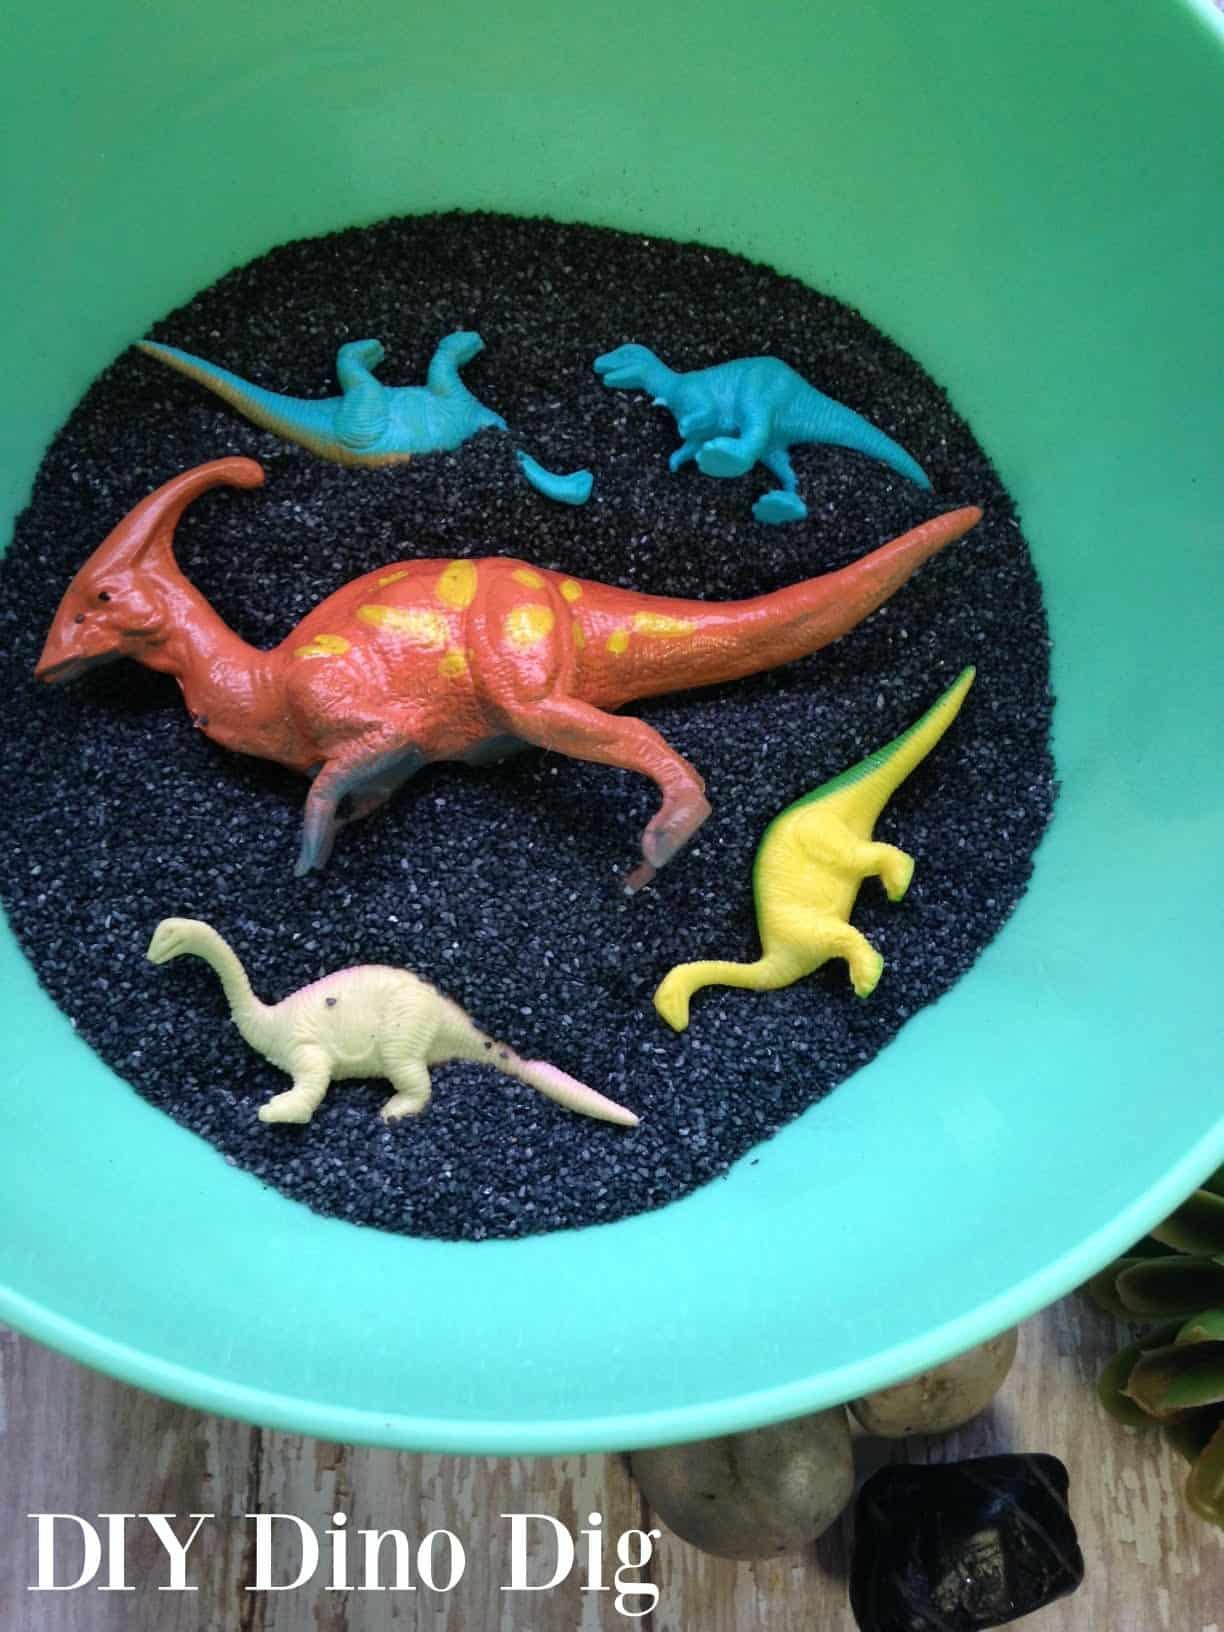 DIY Dinosaur Dig Craft Idea